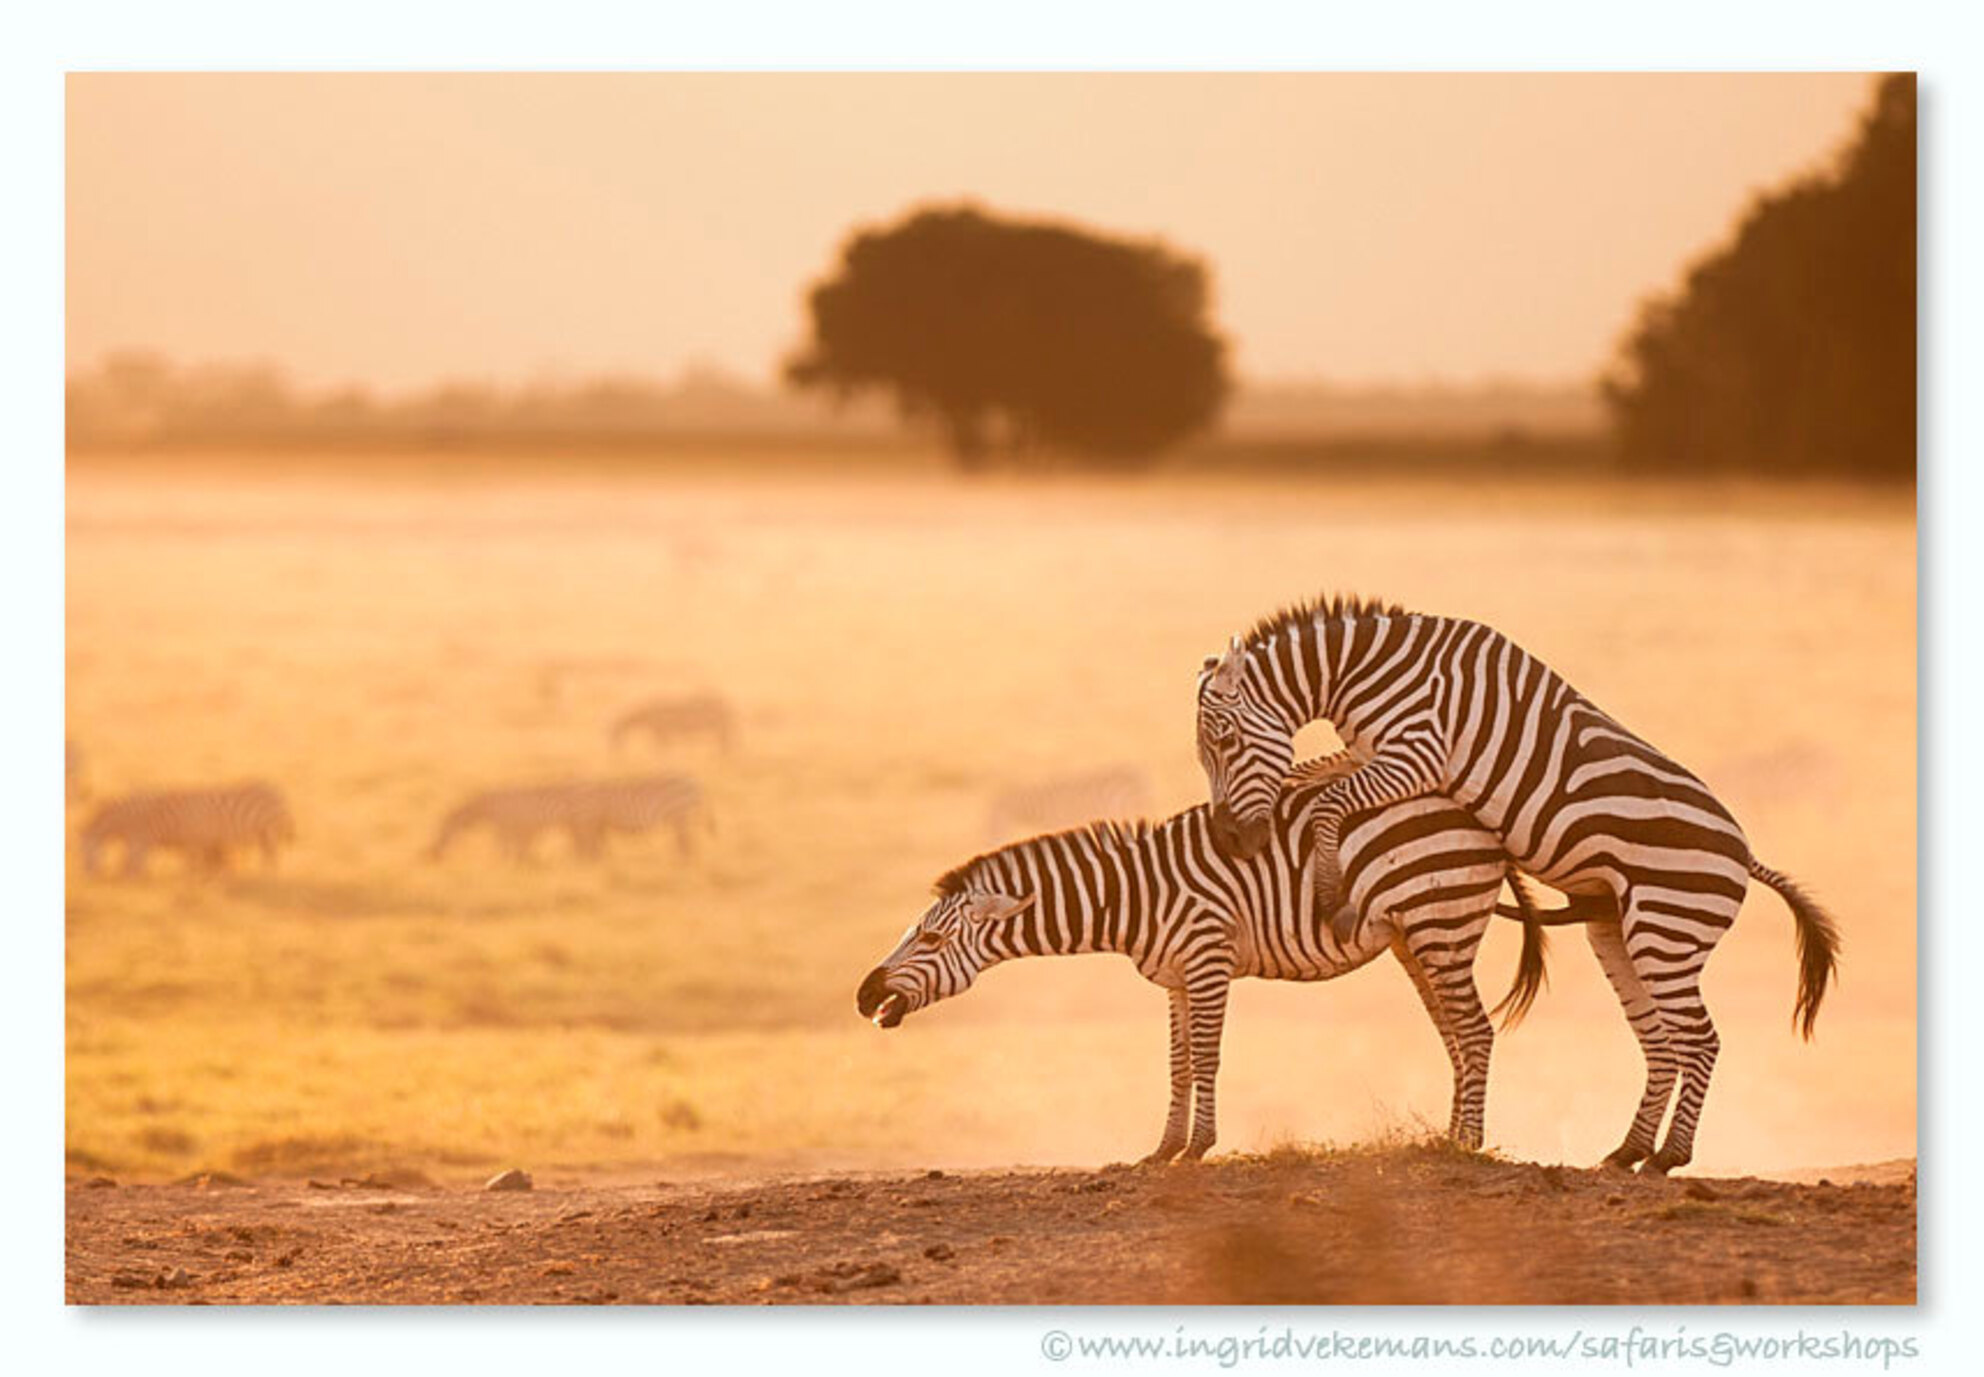 Love Me Tender - Even na datum toch nog een Valentijnsbeeldje :-) - Amboseli, Kenia. - foto door IngridVekemans op 19-02-2017 - deze foto bevat: zebra, natuur, dieren, safari, liefde, afrika, wildlife, kenia, fotoreis, fotoreizen, fotosafari - Deze foto mag gebruikt worden in een Zoom.nl publicatie